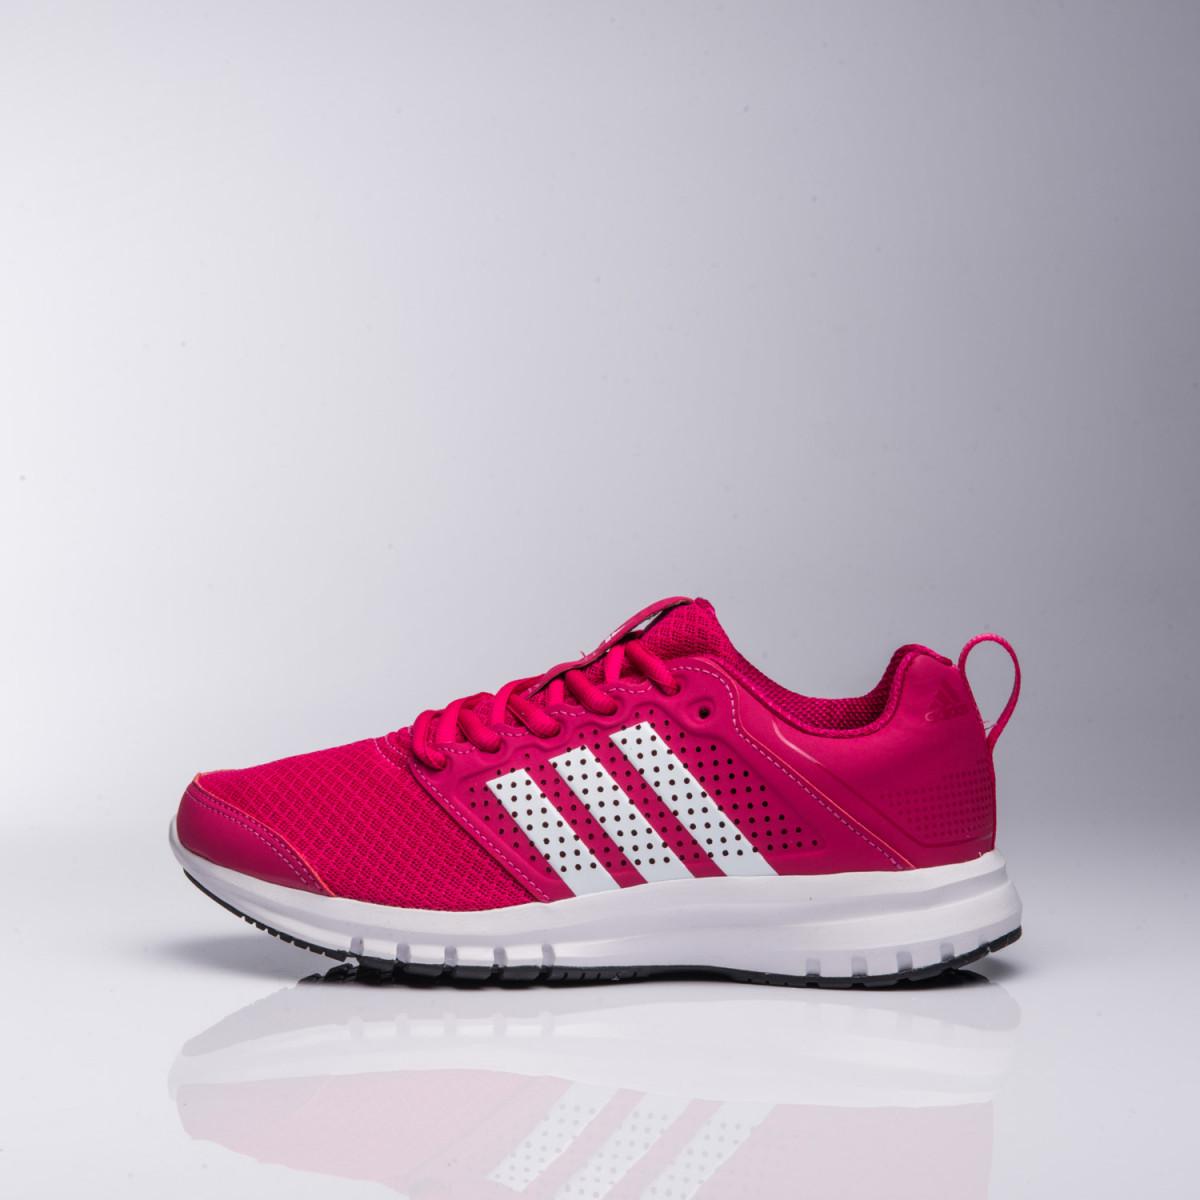 Zapatillas Adidas Madoru 11